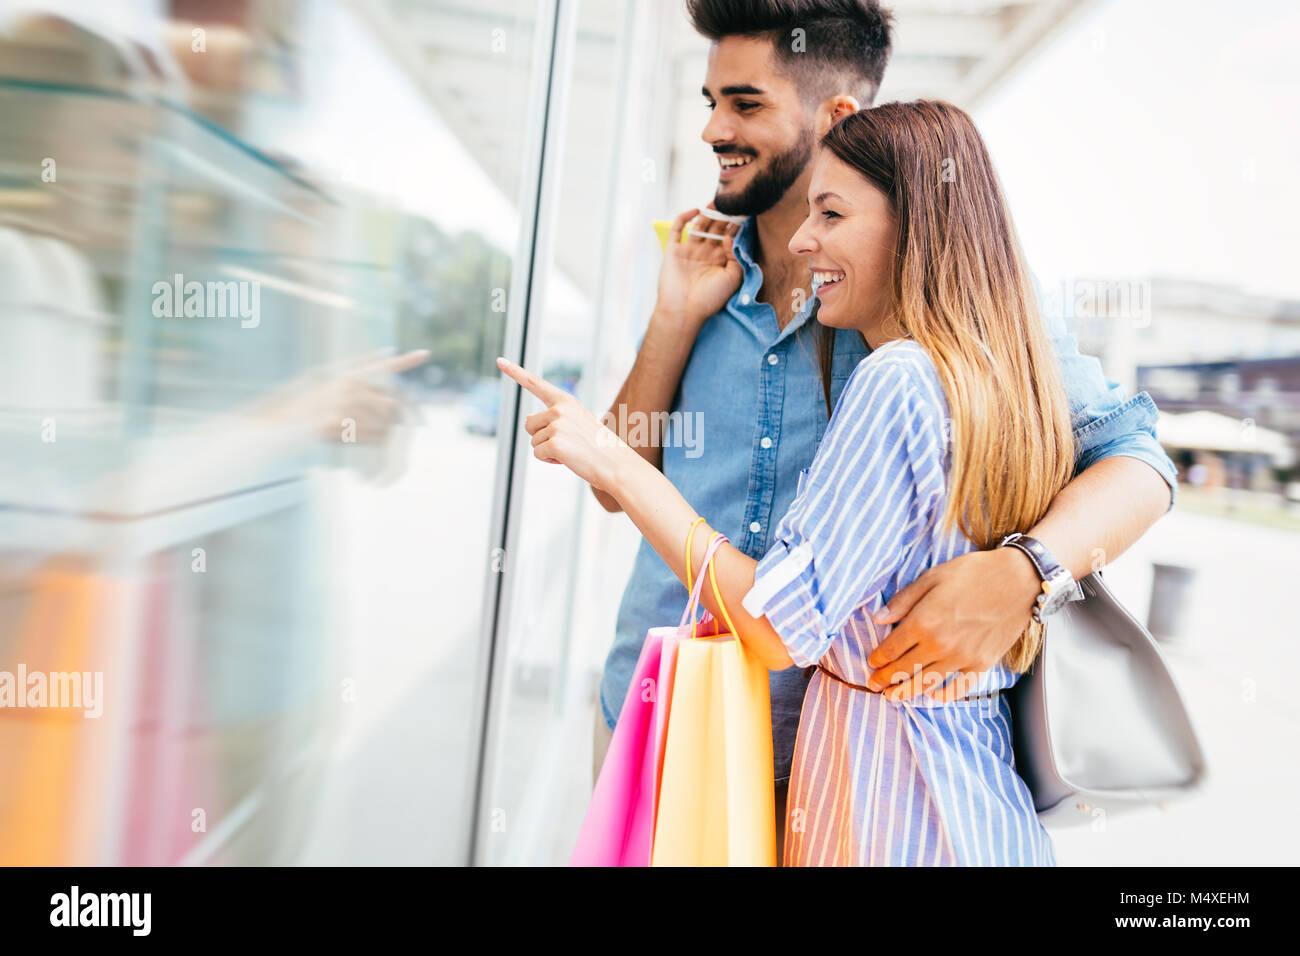 Attraktive glücklich liebend Paar genießen Warenkorb zusammen Stockbild